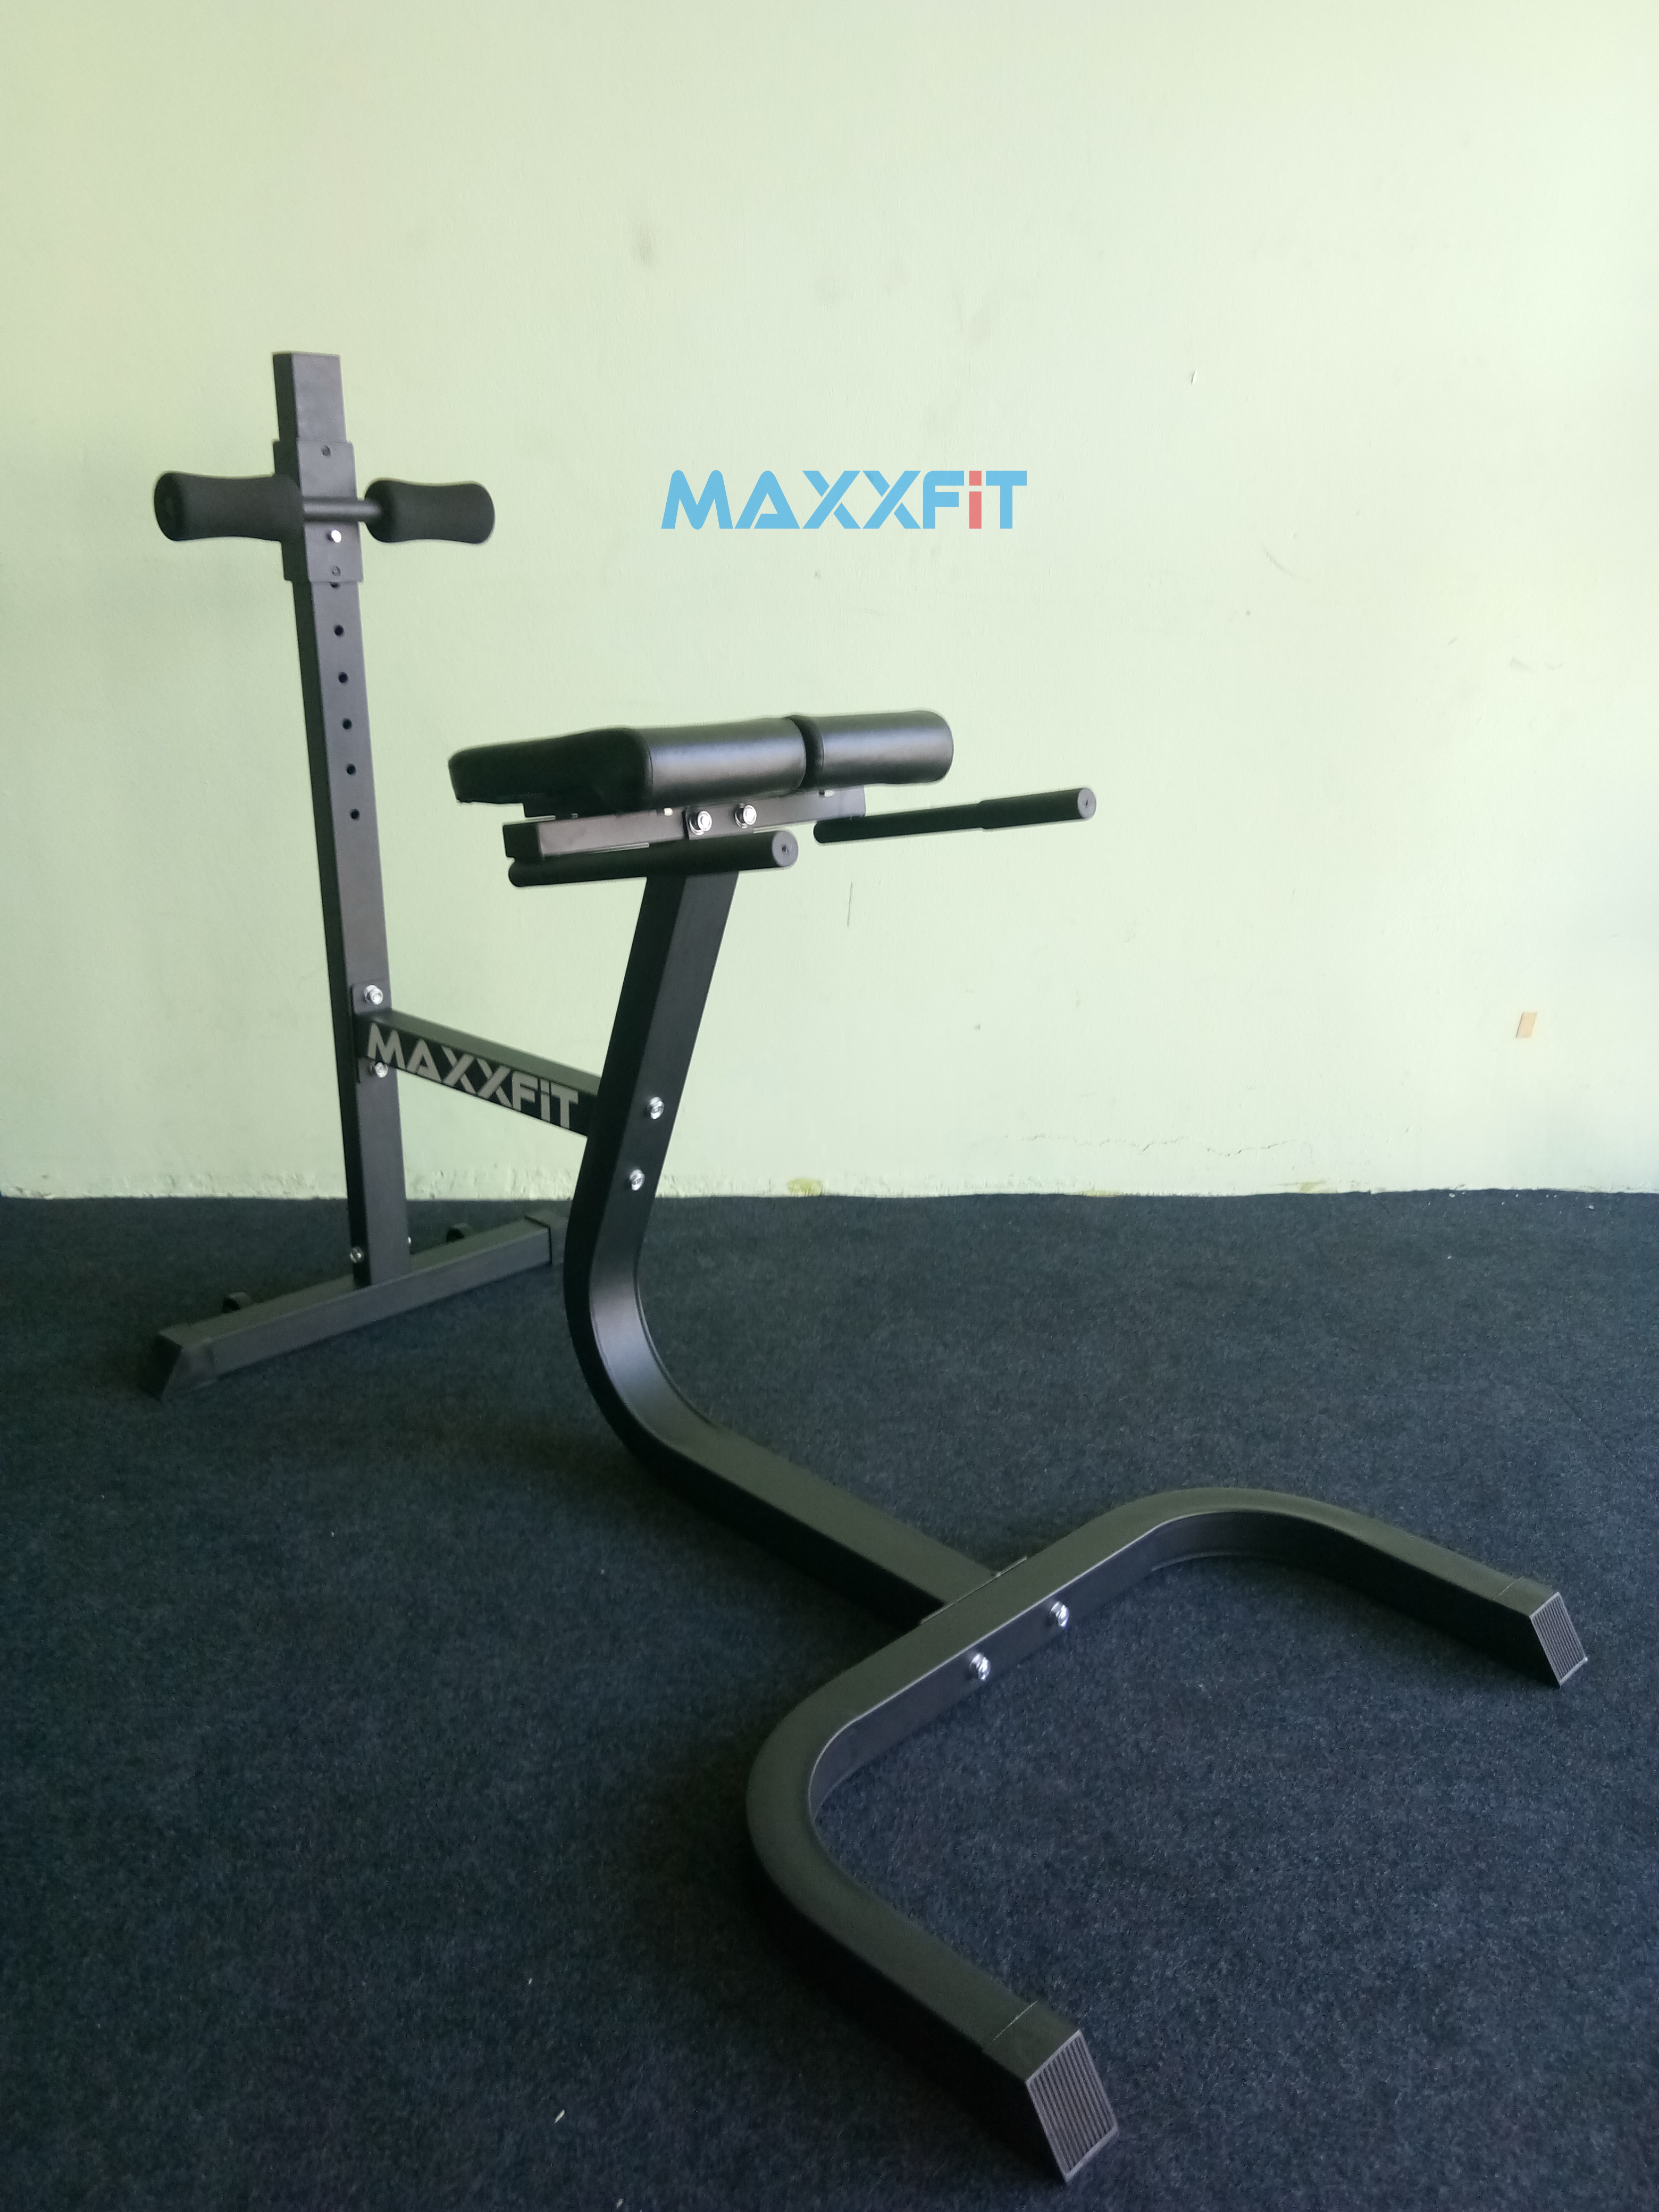 ขาย Adjustable Hyperextension Roman Chair MAXXFiT